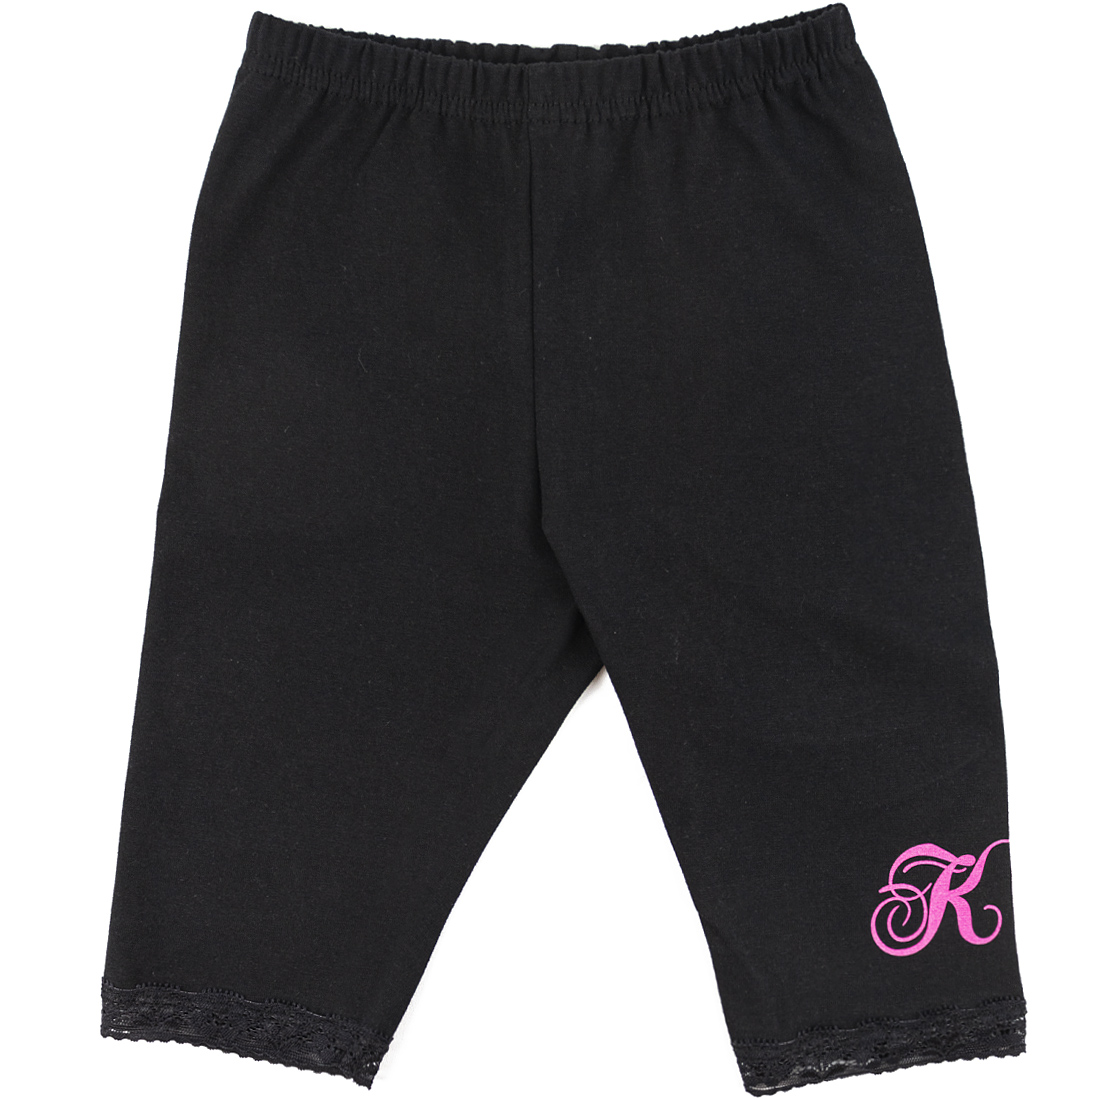 Купить 1015к ап, Шорты детские Юлла, цв. черный р. 92, Шорты и брюки для новорожденных